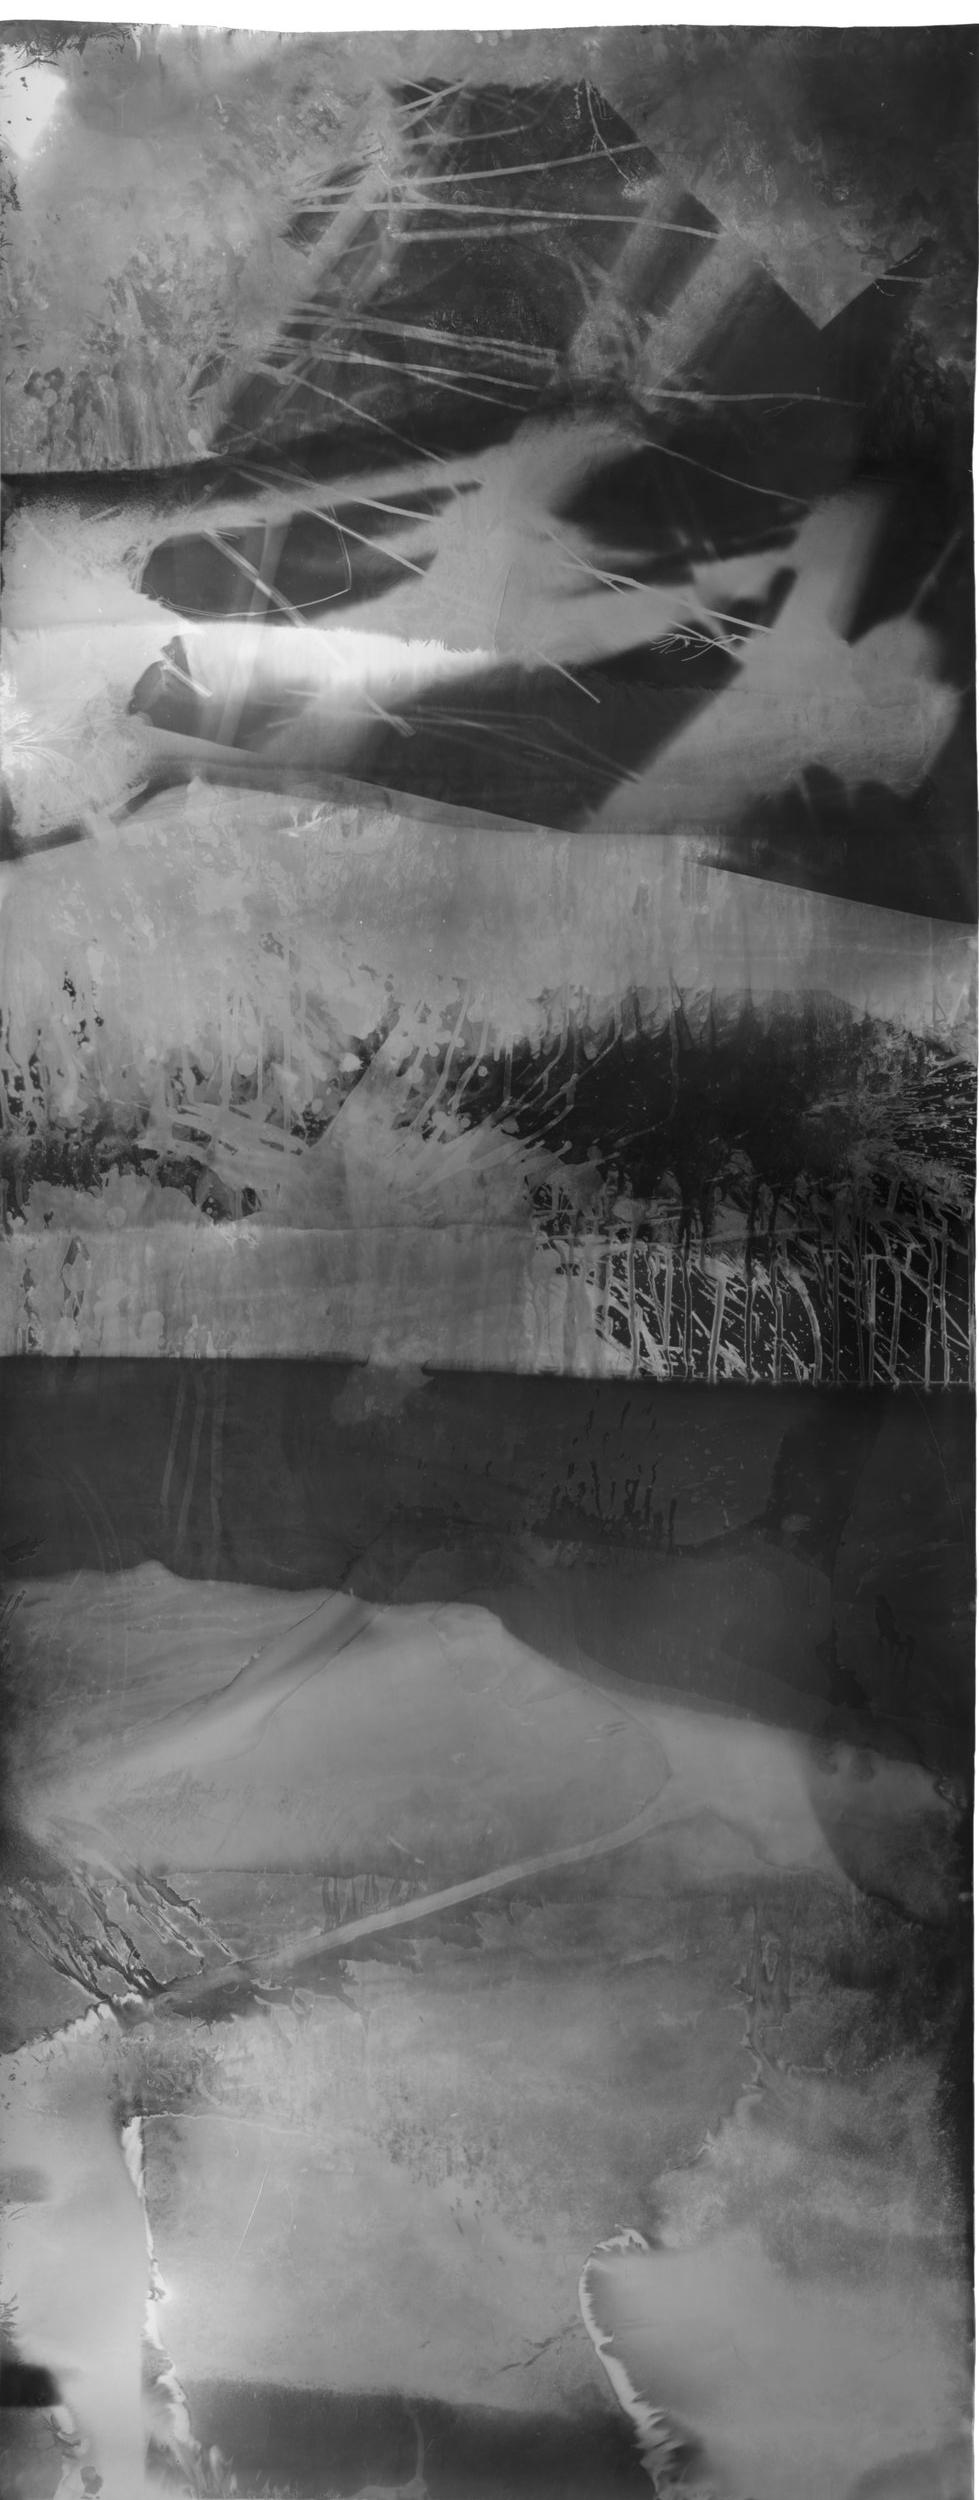 Untitled , 2017, 9.33 feet x 3.5 feet, Silver Gelatin Print